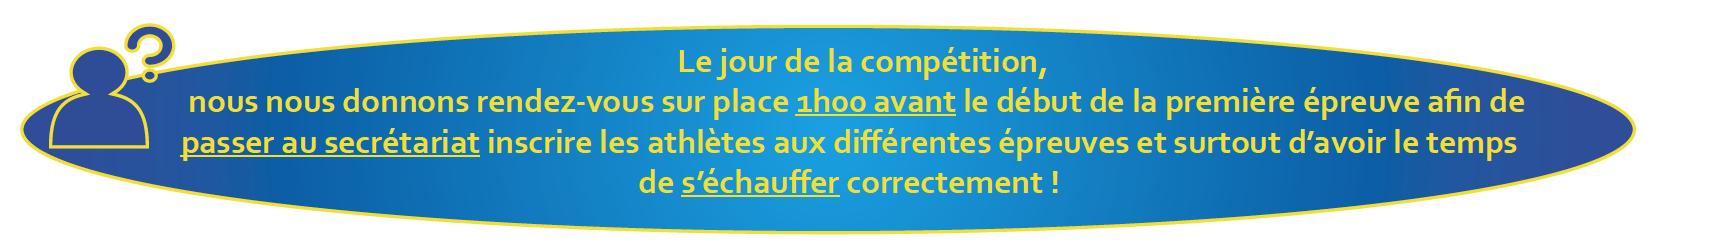 page compétition EA